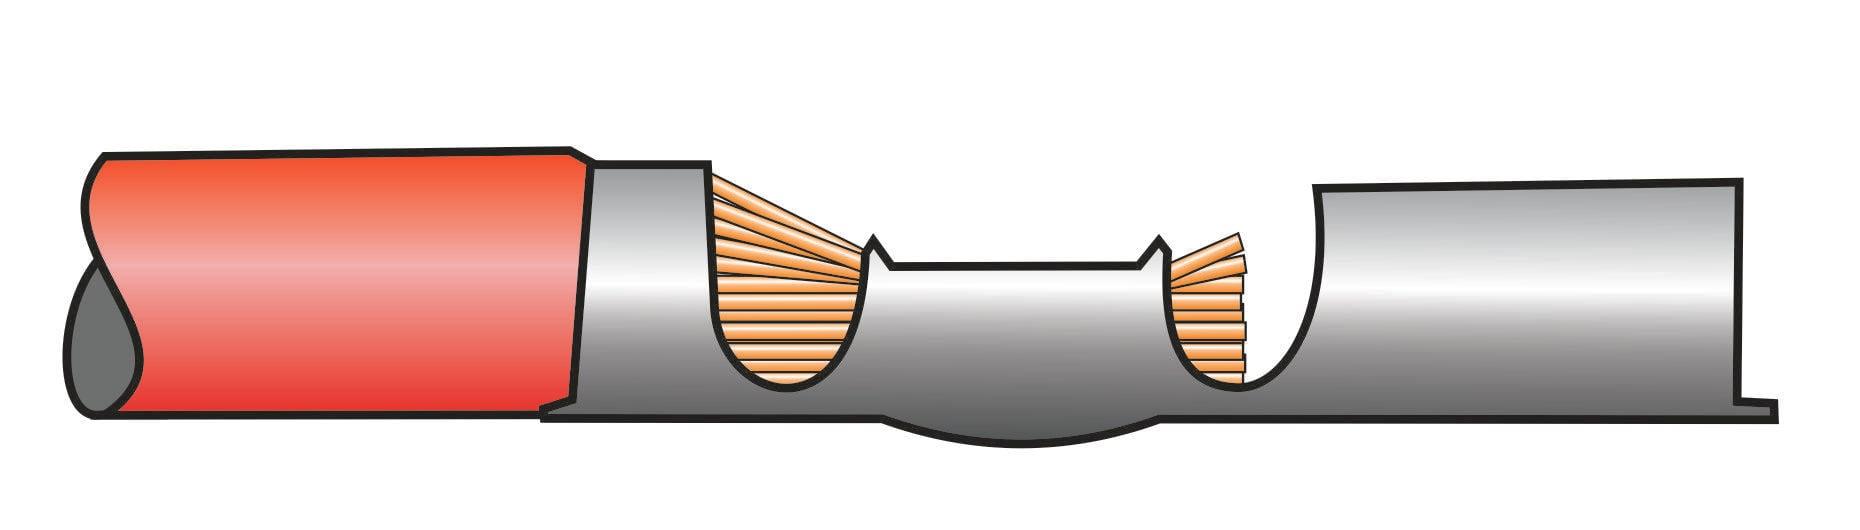 Crimpverbindung mit zu langer Abisolierung